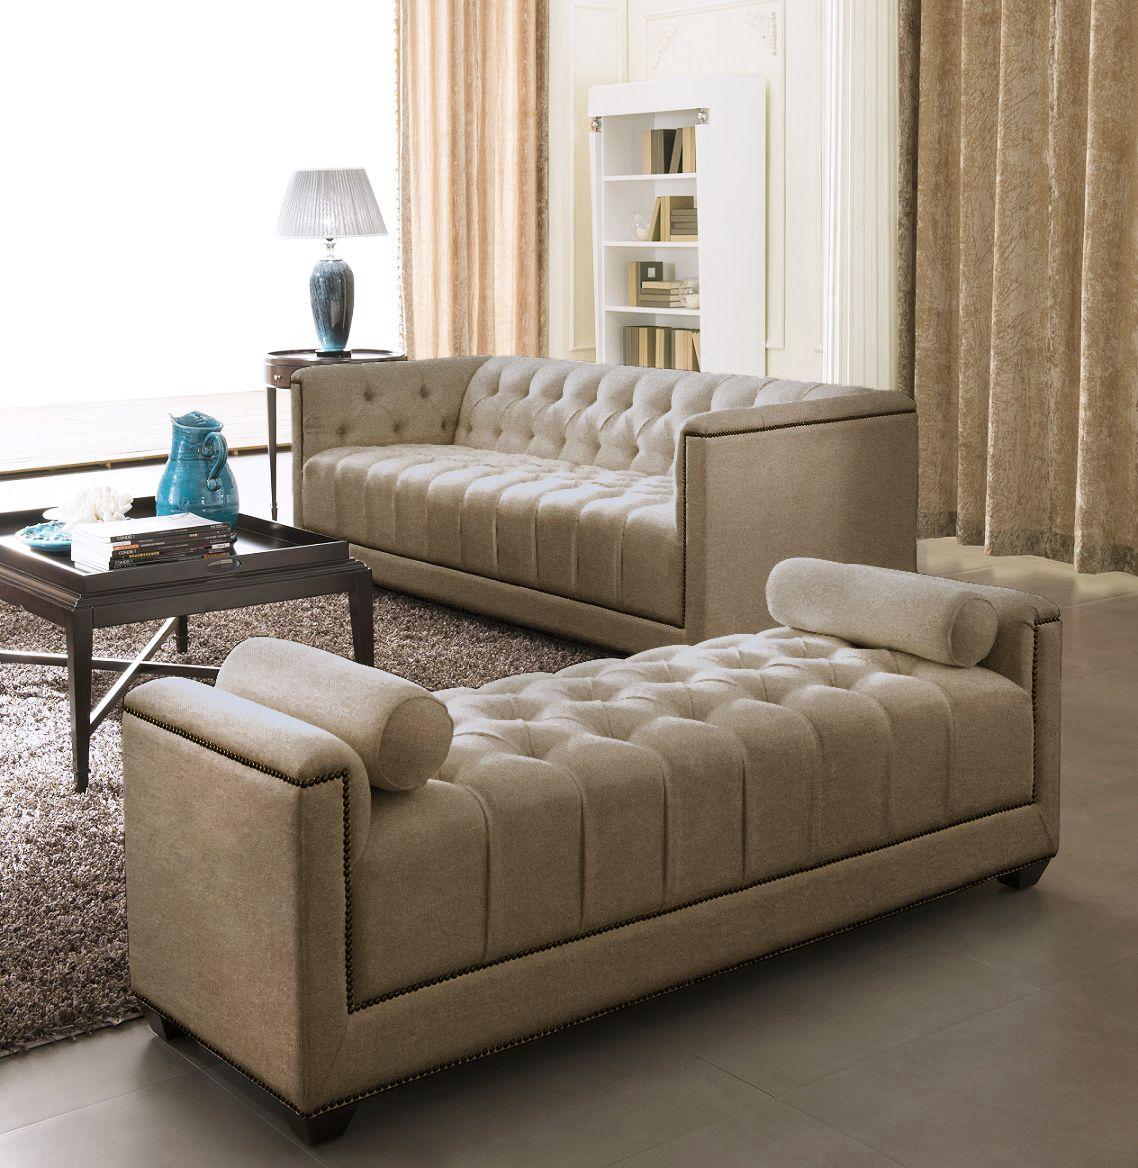 Fabric Sofa Set Eden Gold Living Room Sofa Design